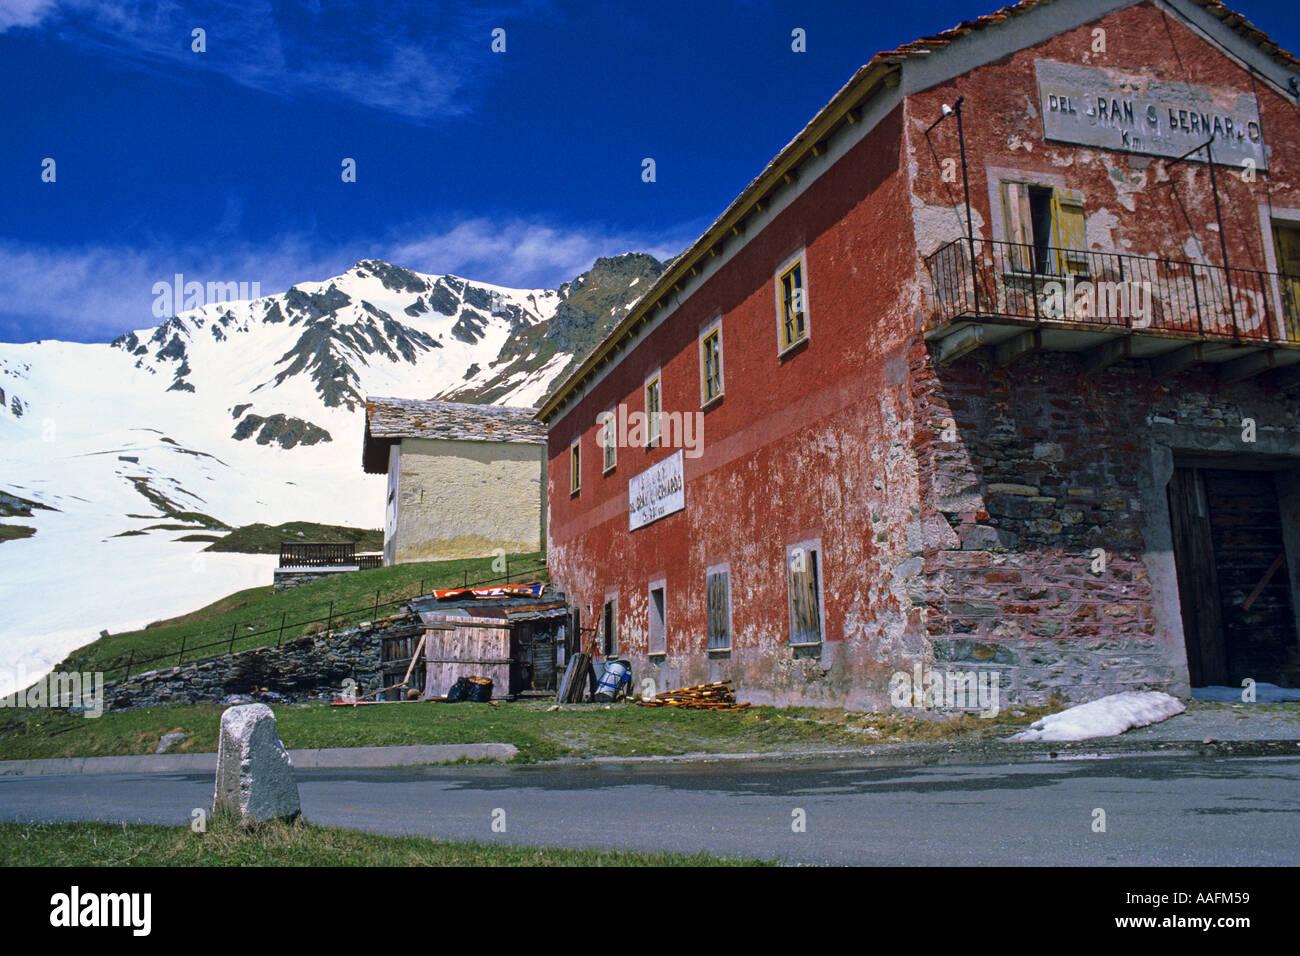 Buildings on Italian side of Grand St Bernard Pass JMH0632 - Stock Image